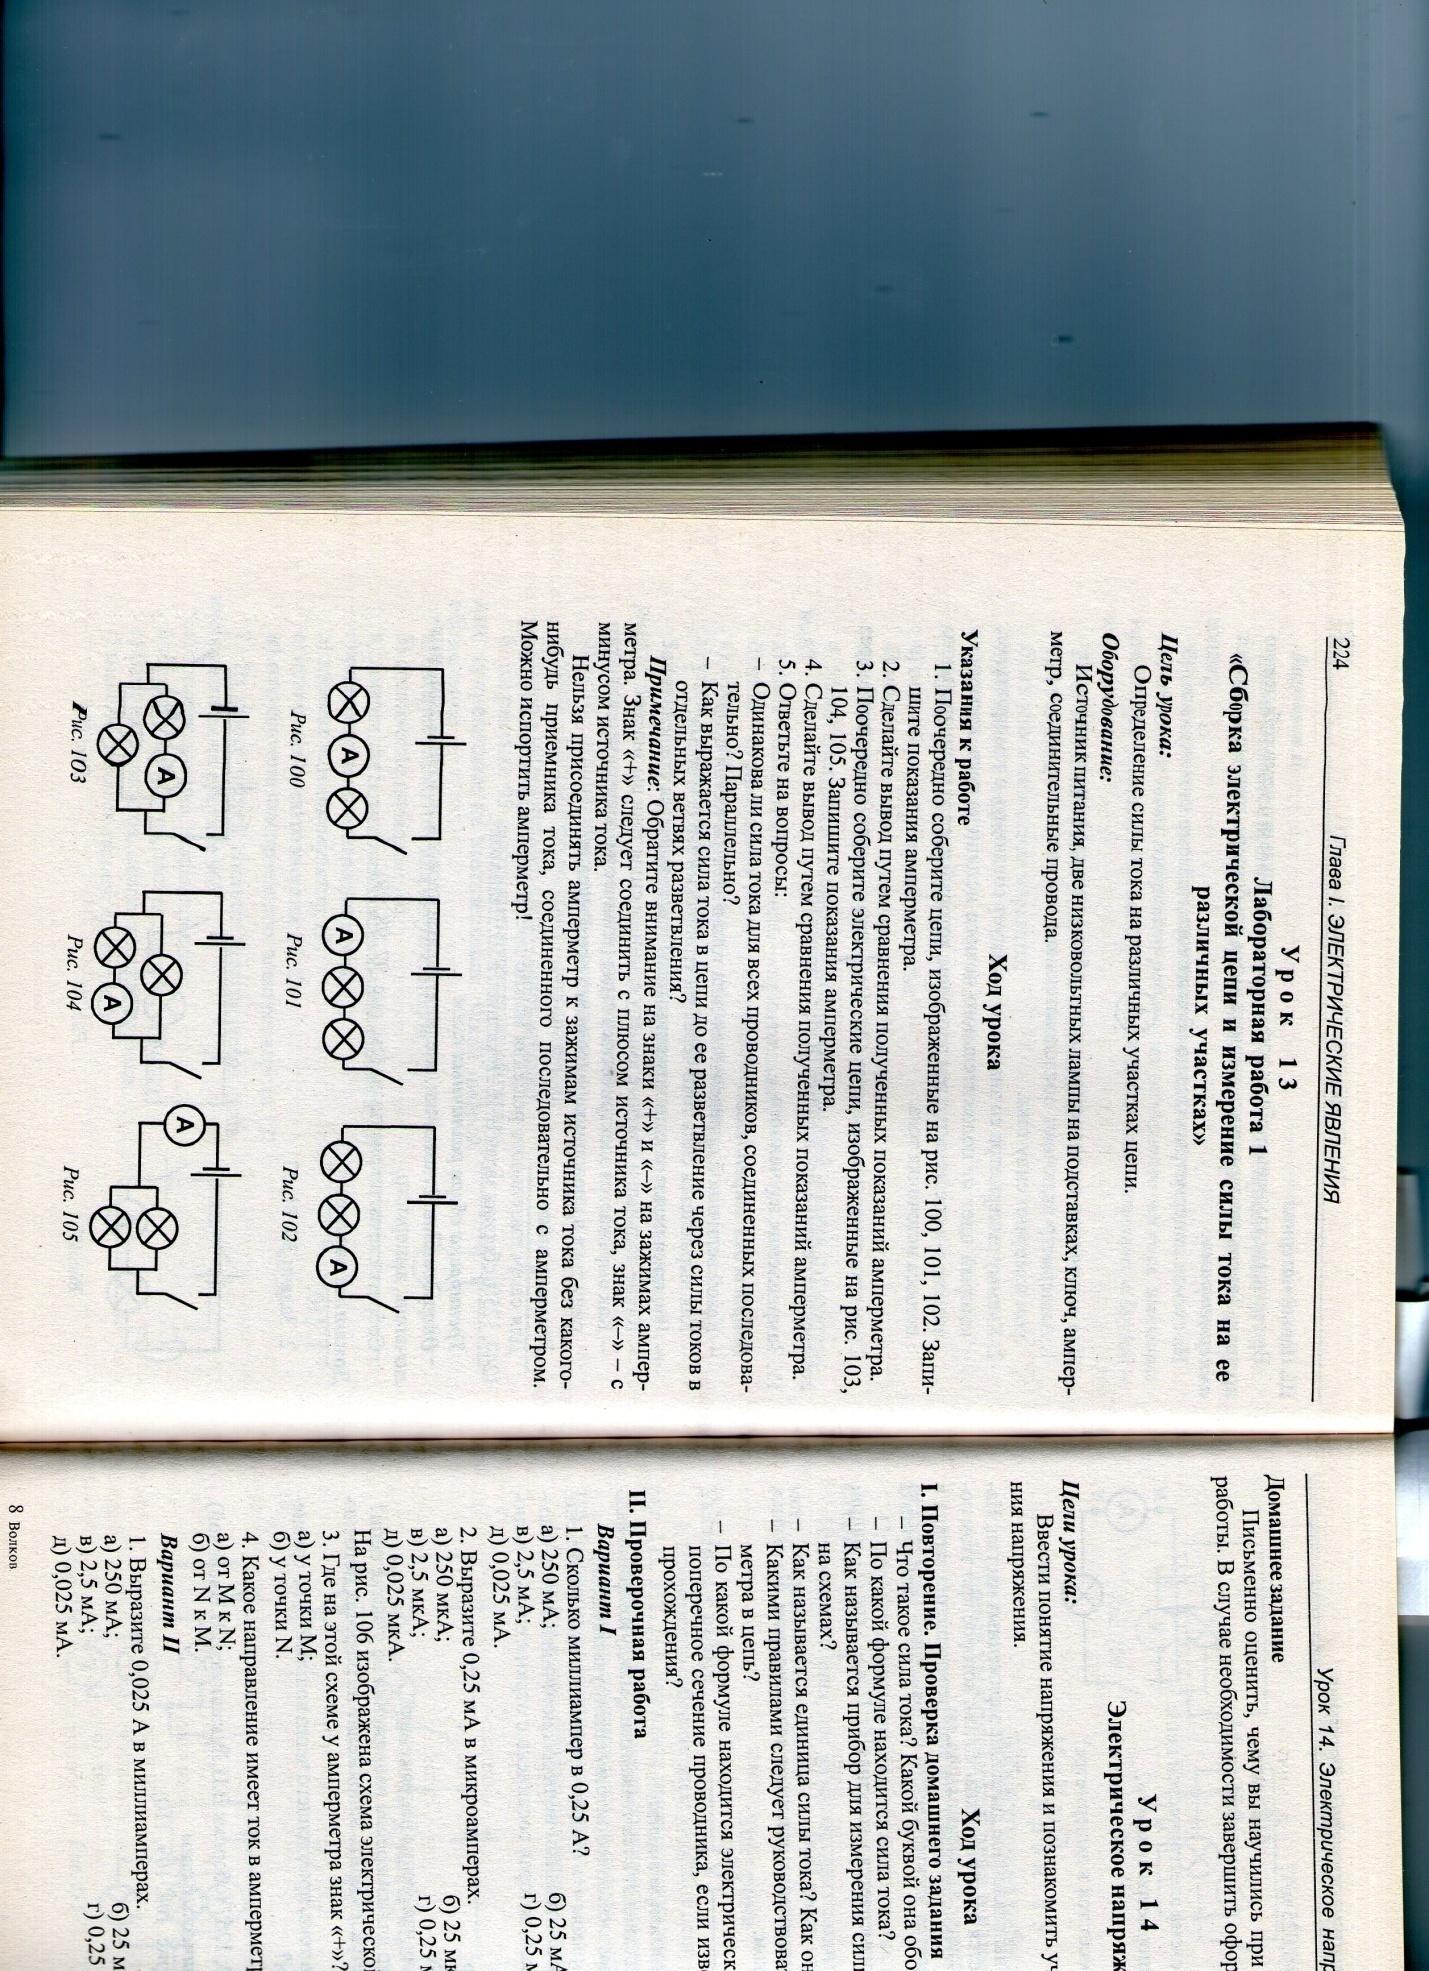 C:\Documents and Settings\555\Мои документы\Мои рисунки\img017.jpg